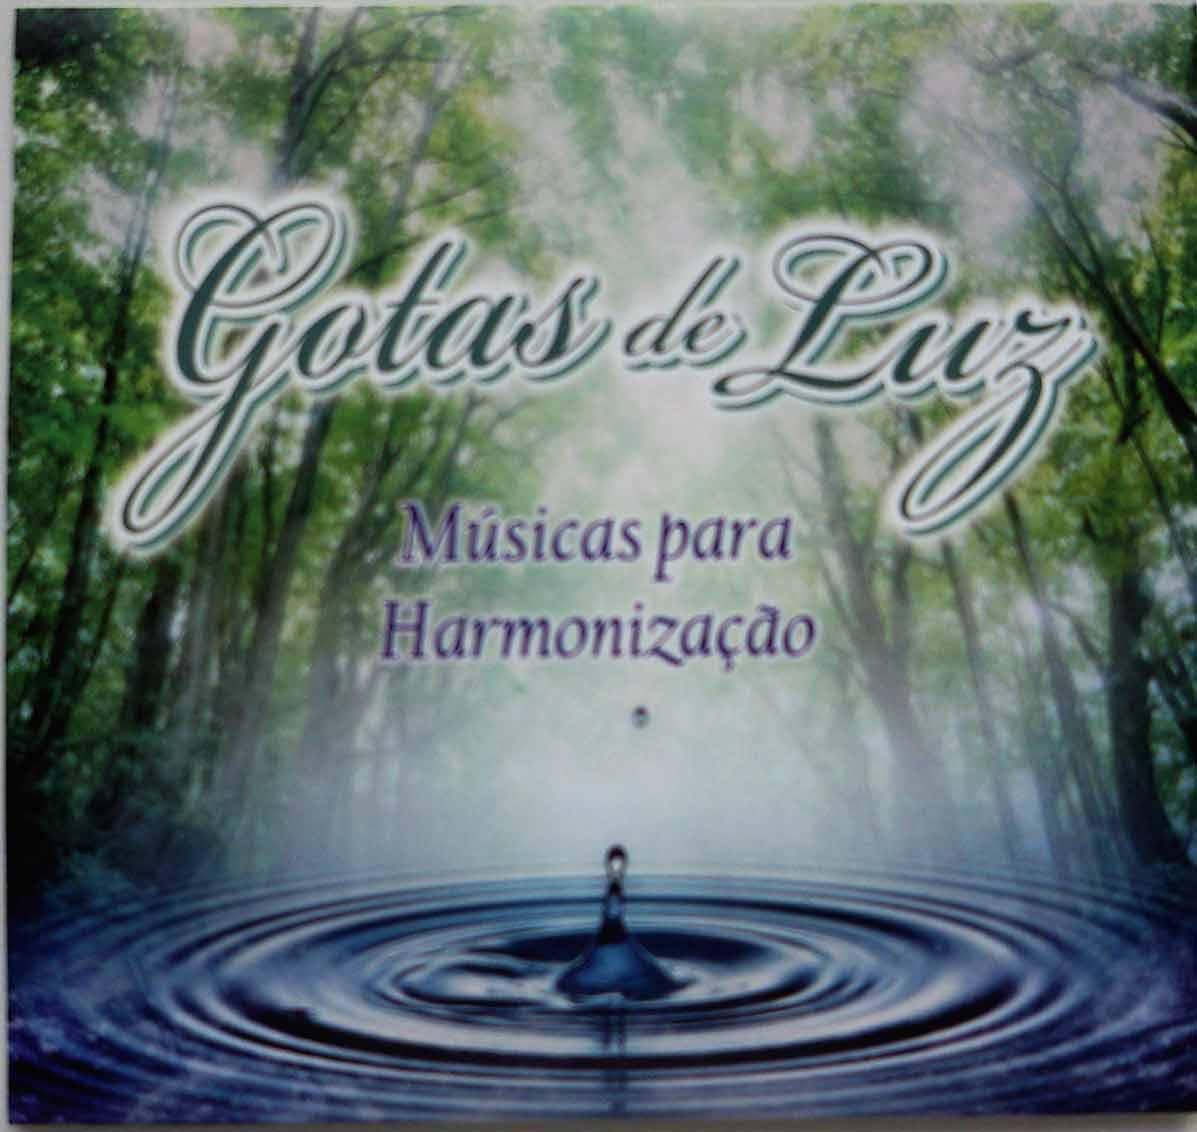 CD - GOTAS DE LUZ - MÚSICAS PARA HARMONIZAÇÃO